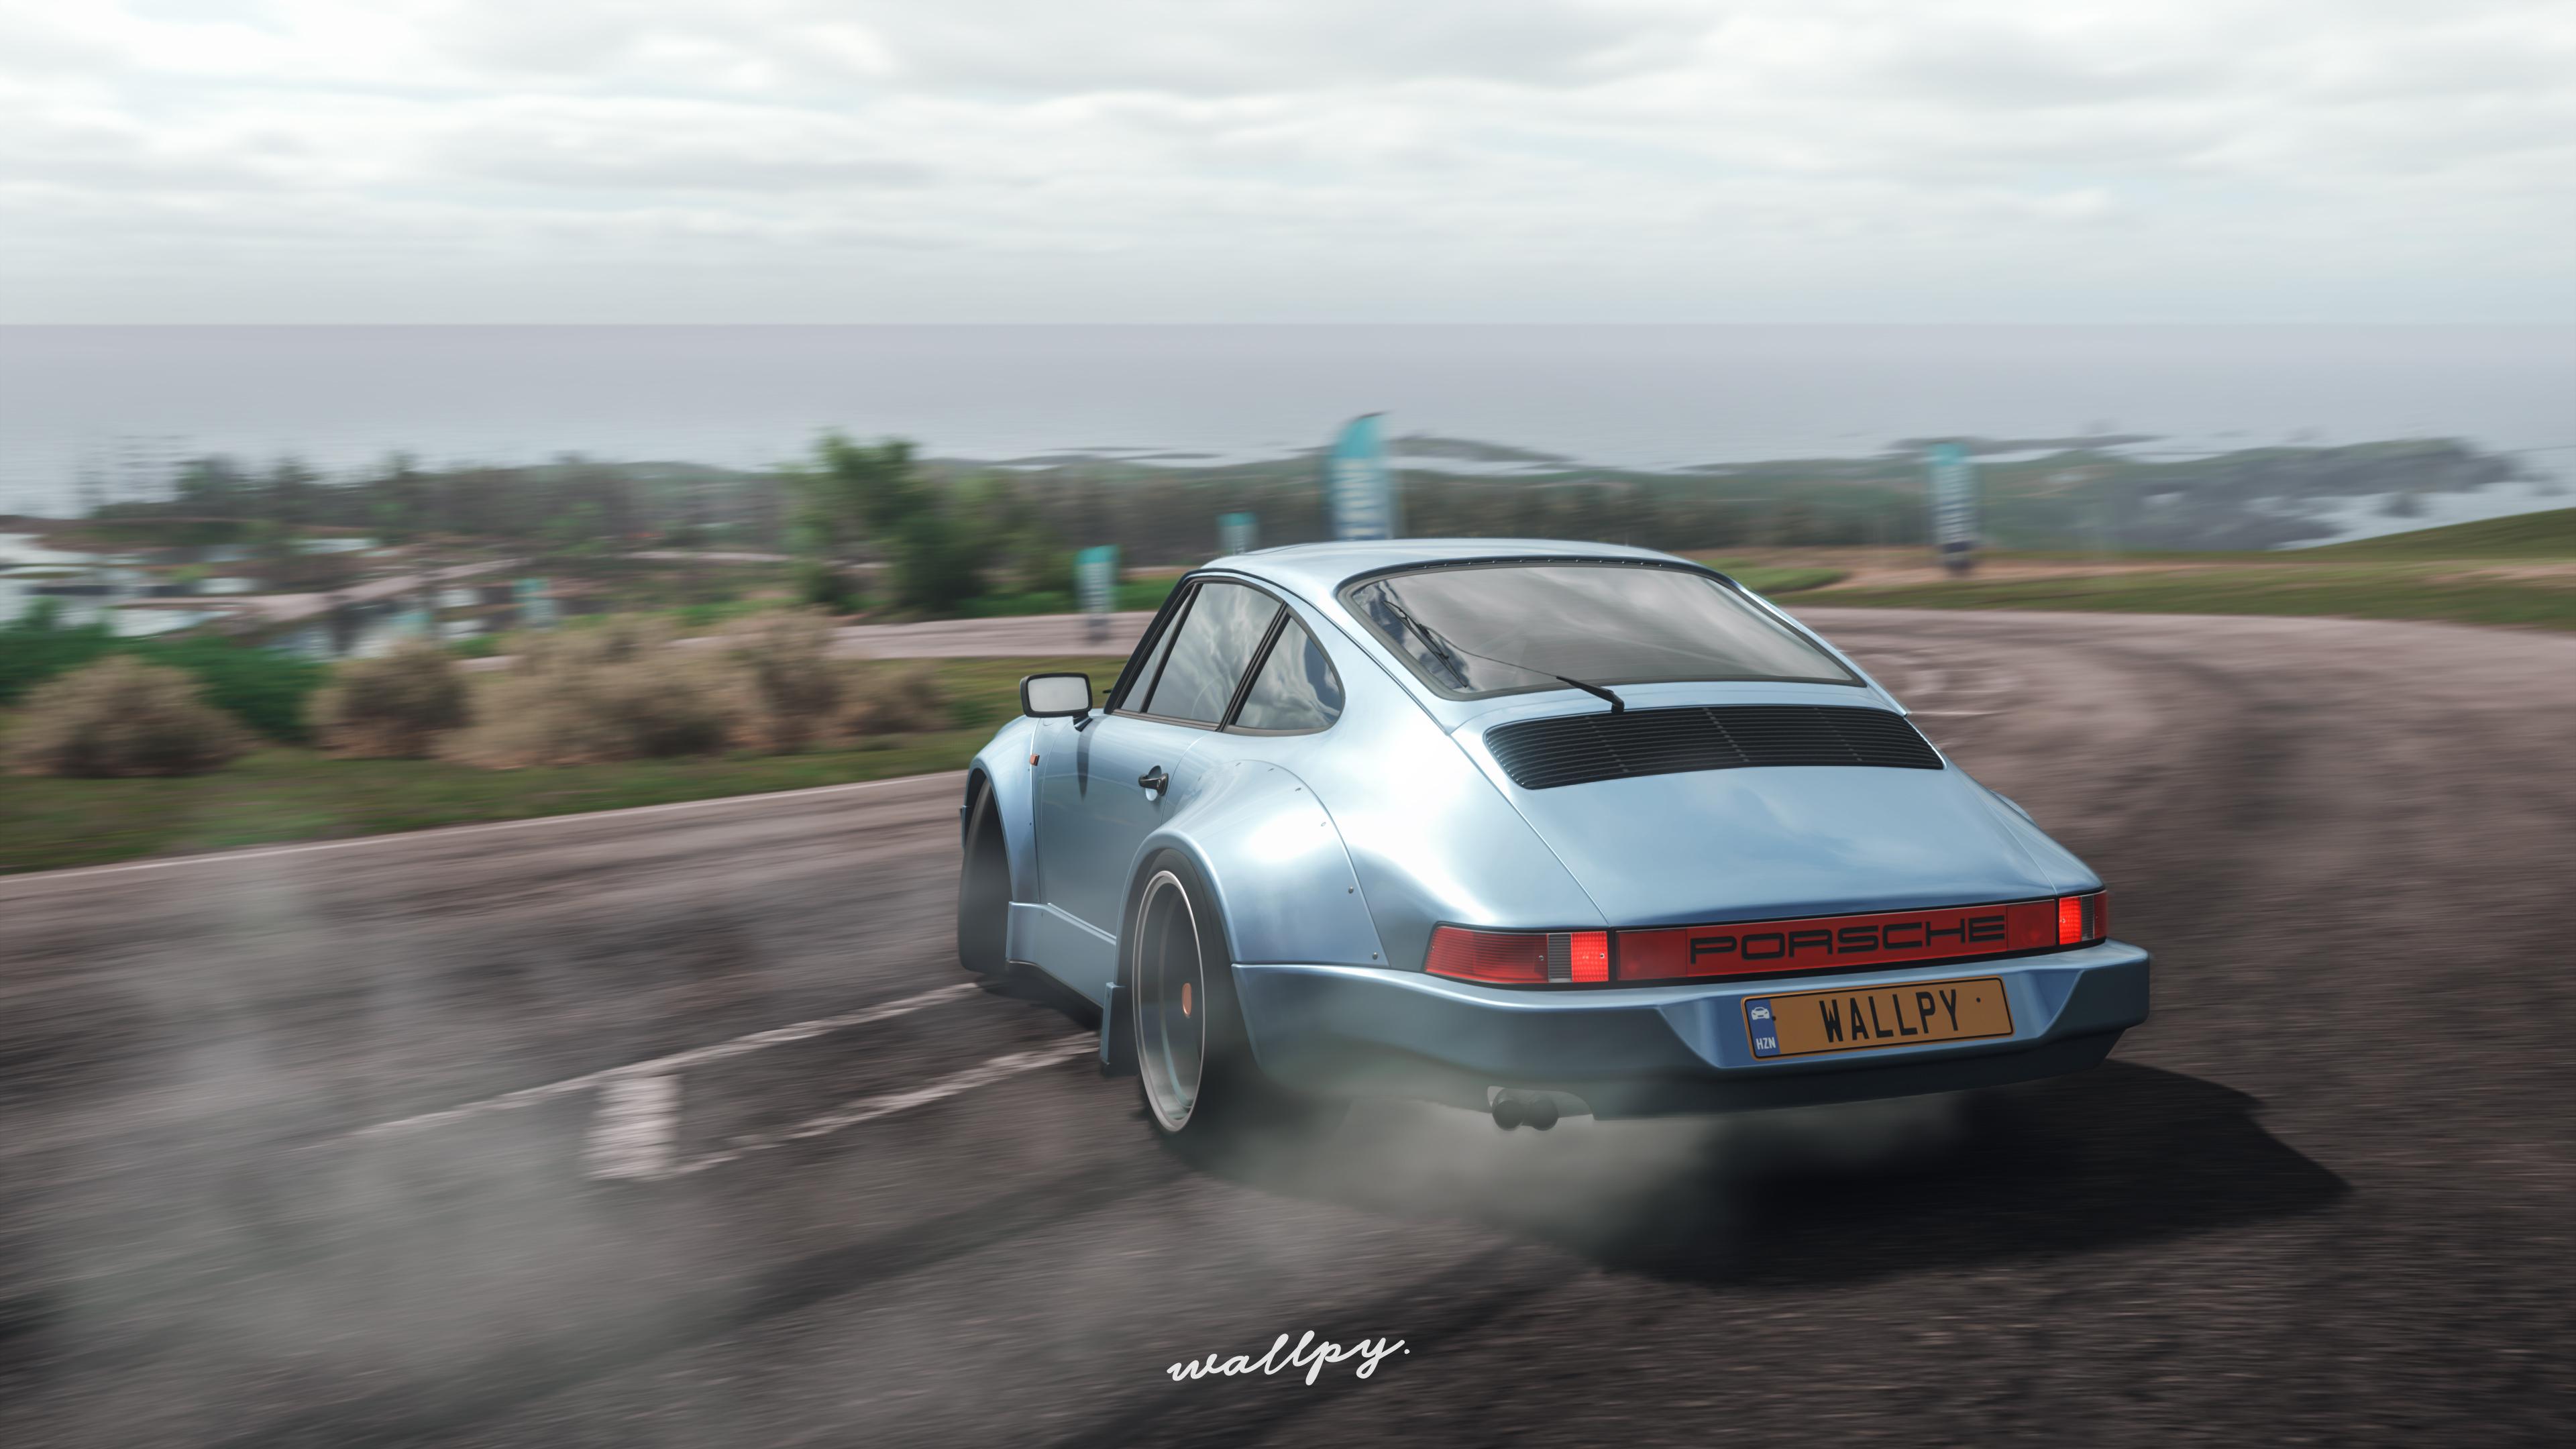 3840x2160 Porsche Drift Forza Horizon 4 4k HD 4k ...